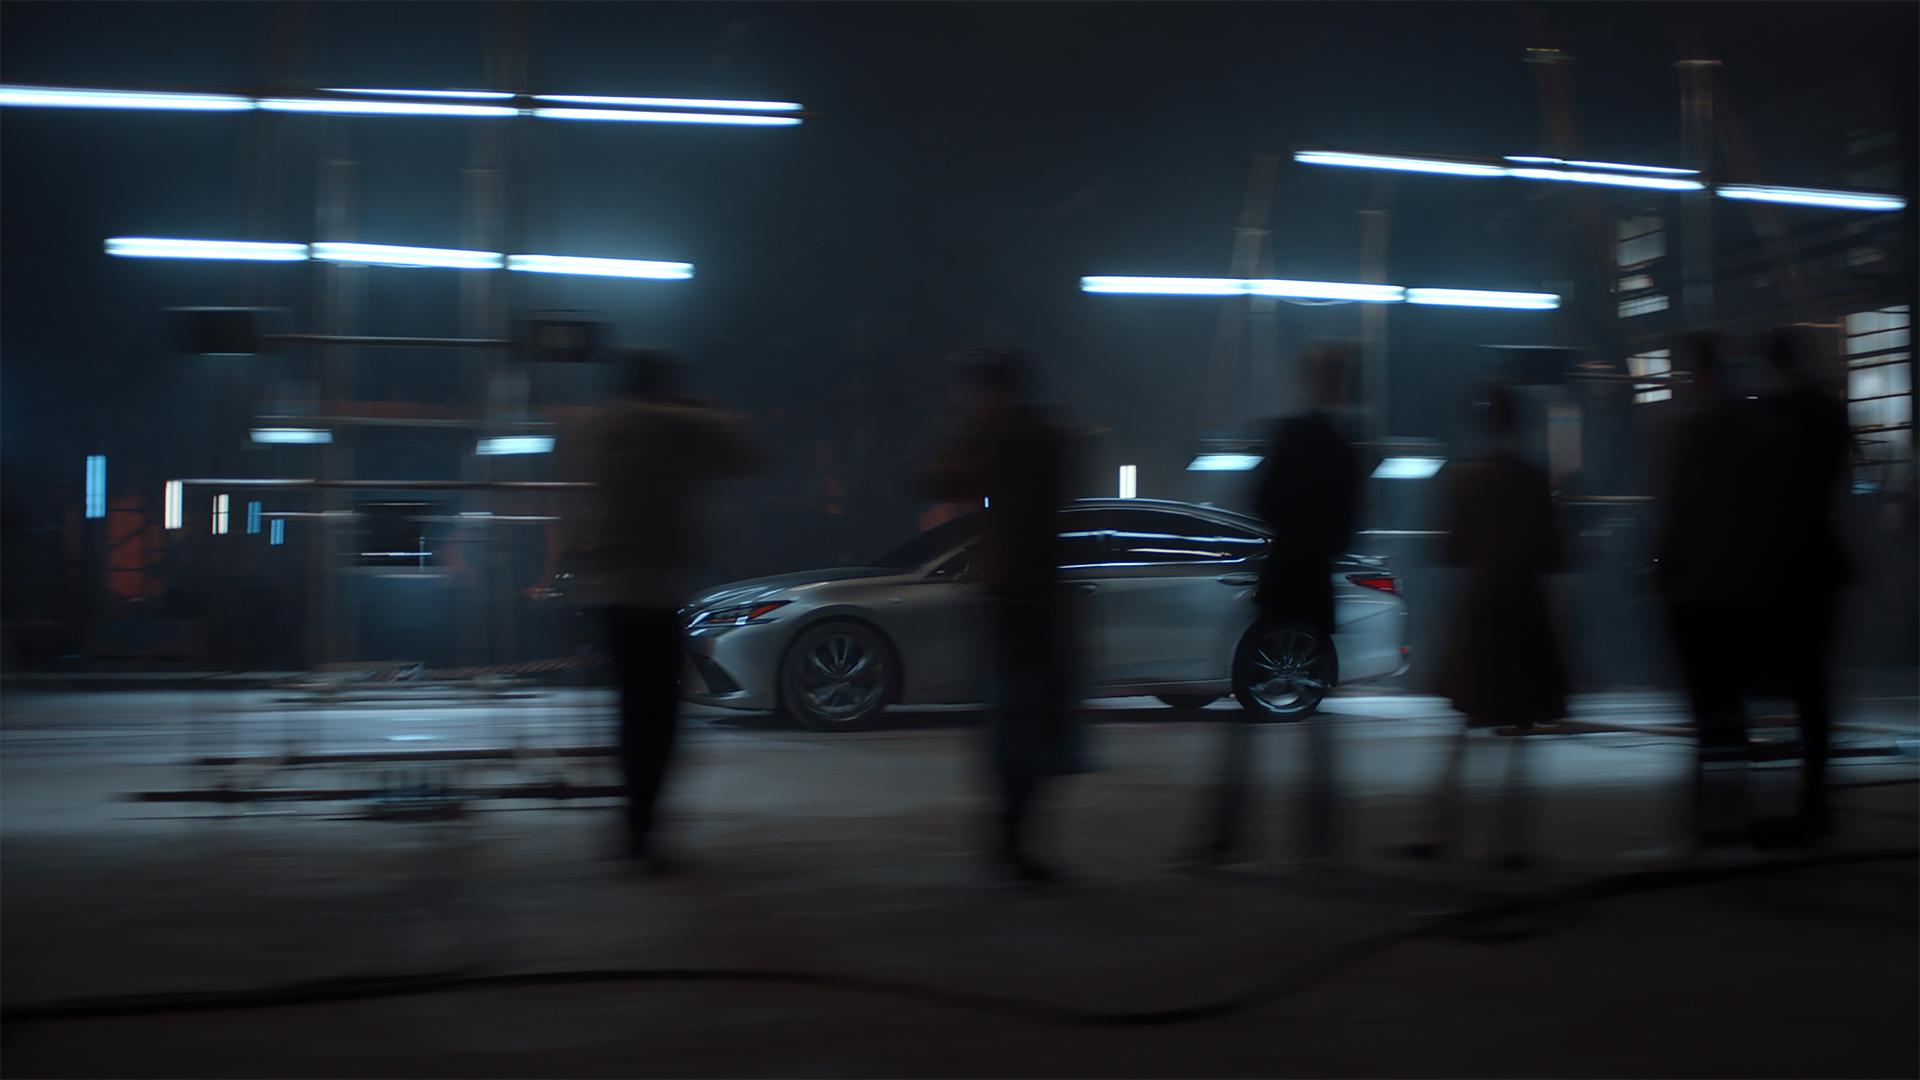 05 2019 021 Waarom Lexus meer dan een autofabrikant is 1920x1080 galerij